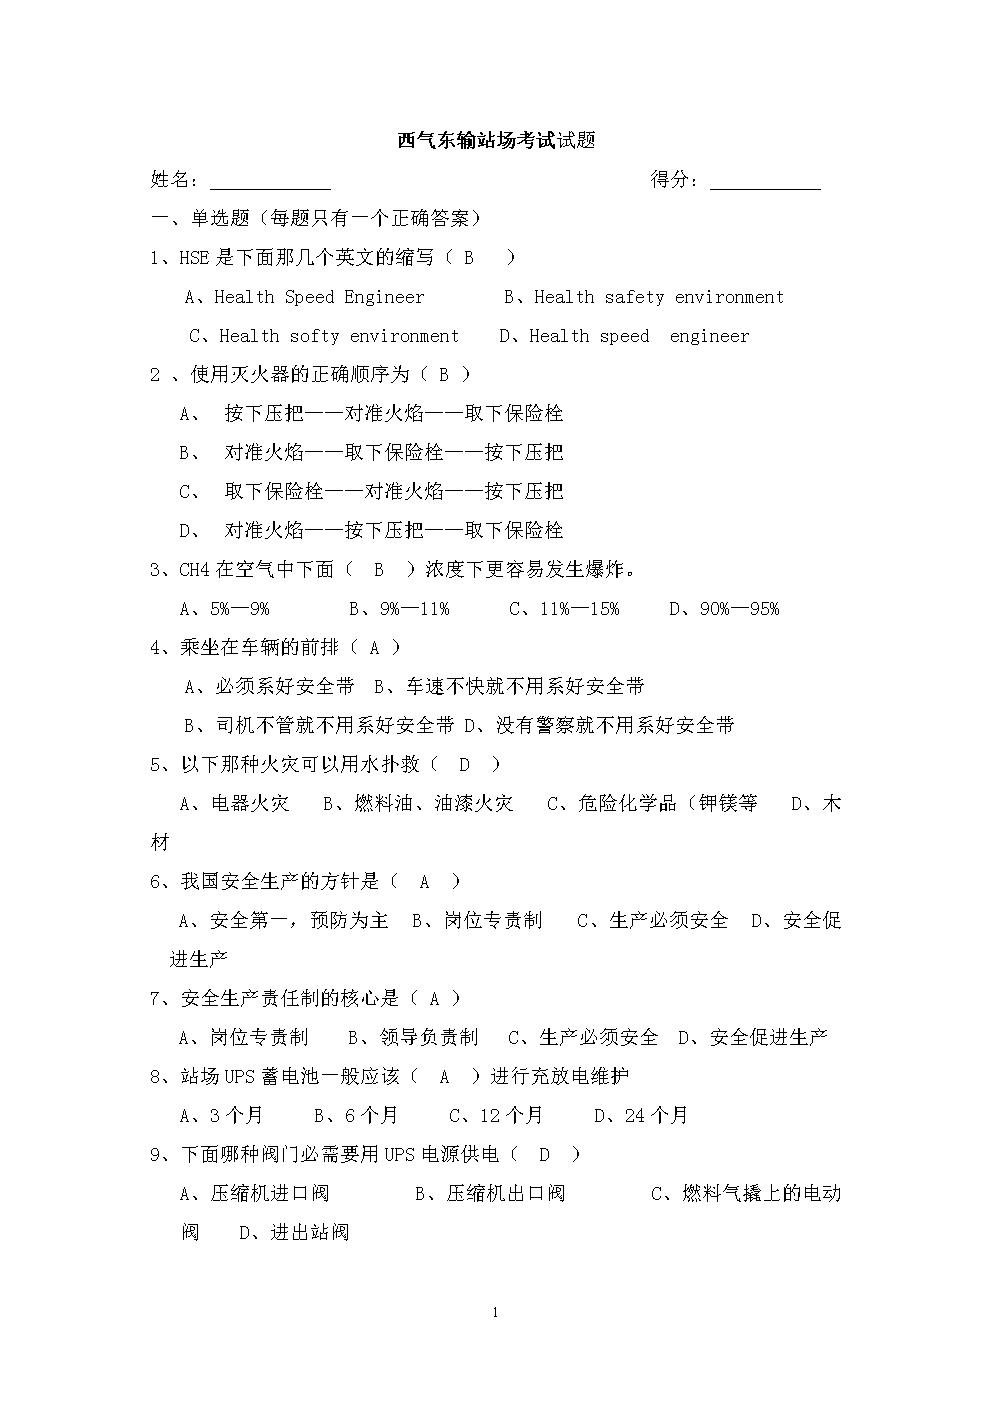 天然气输送站场考试题(修改).doc